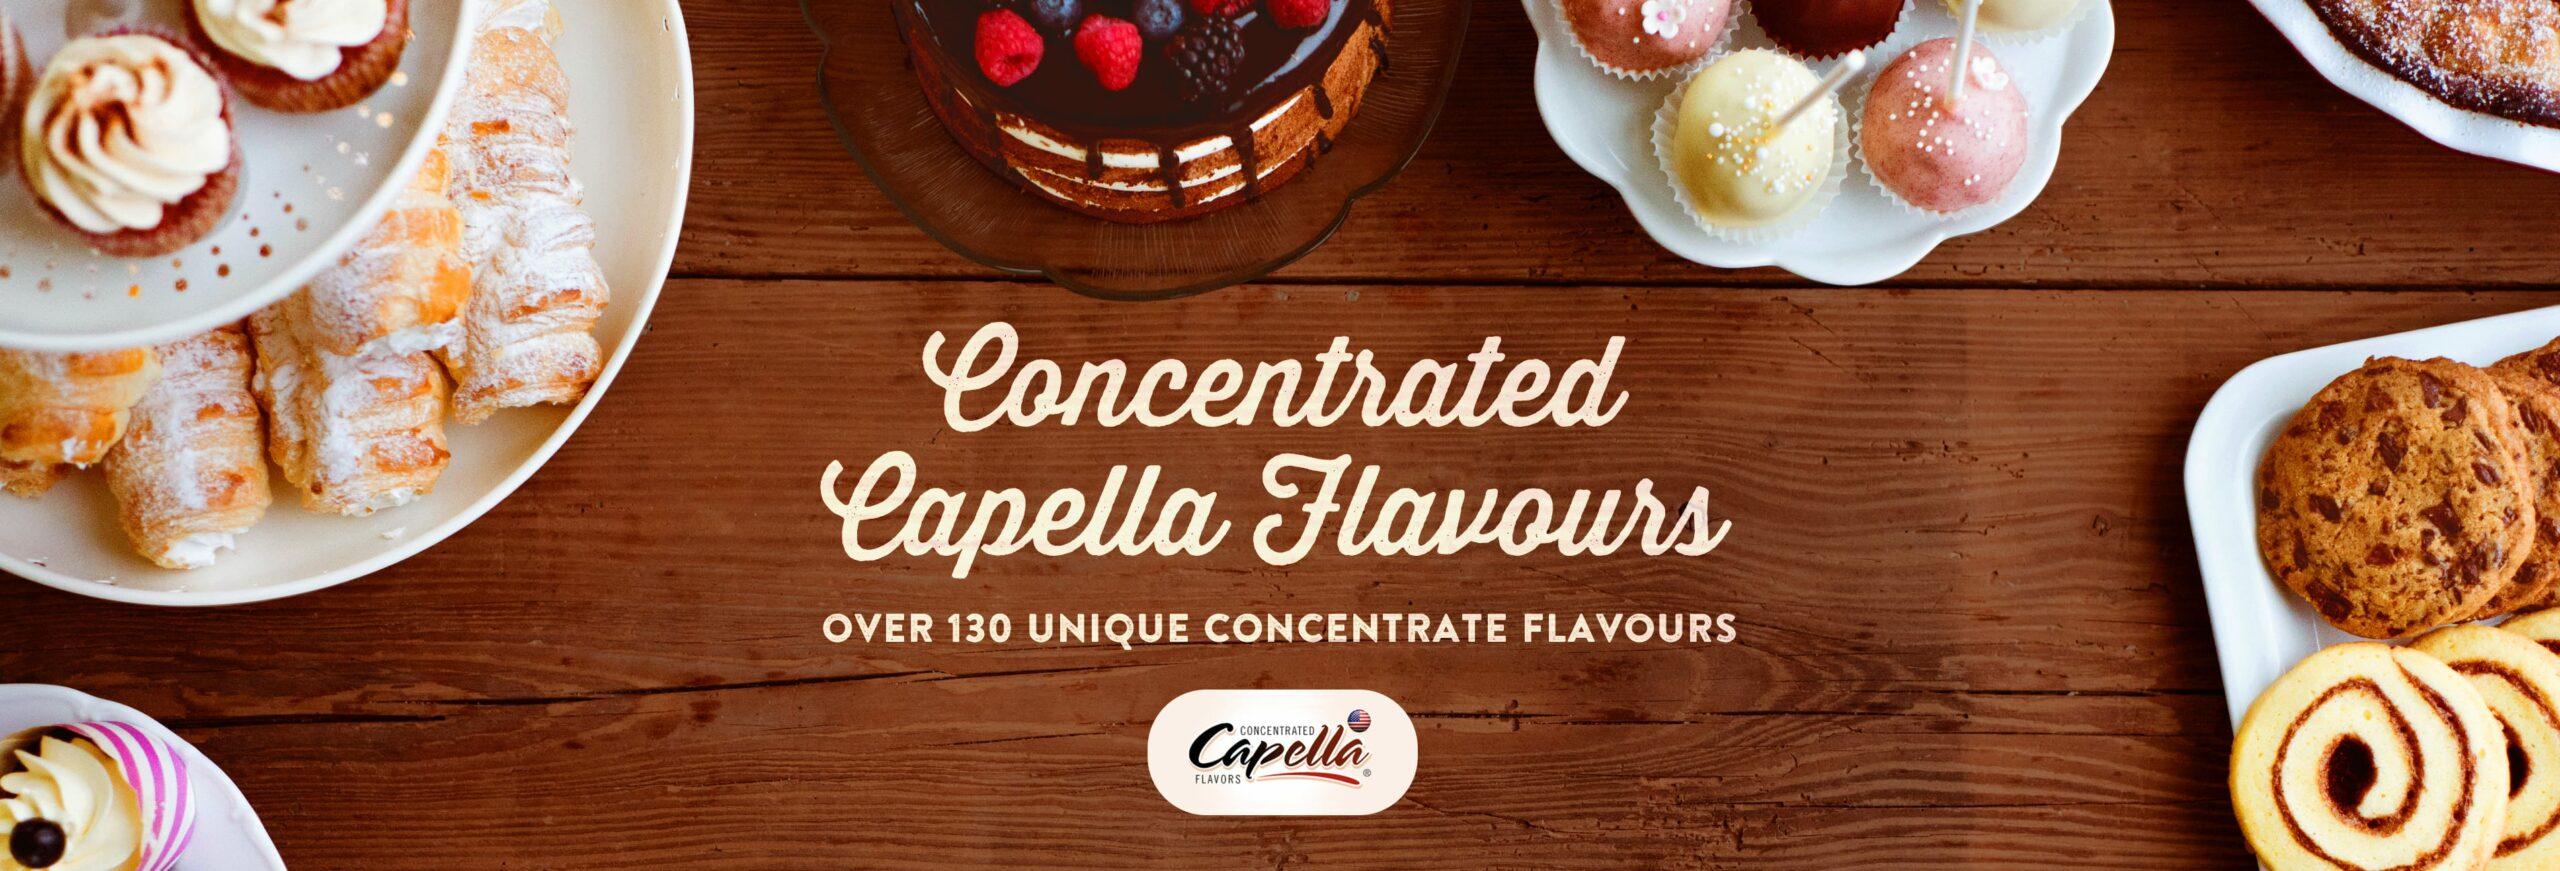 Capella E-Liquid Concentrate Flavourings - The Alchemists